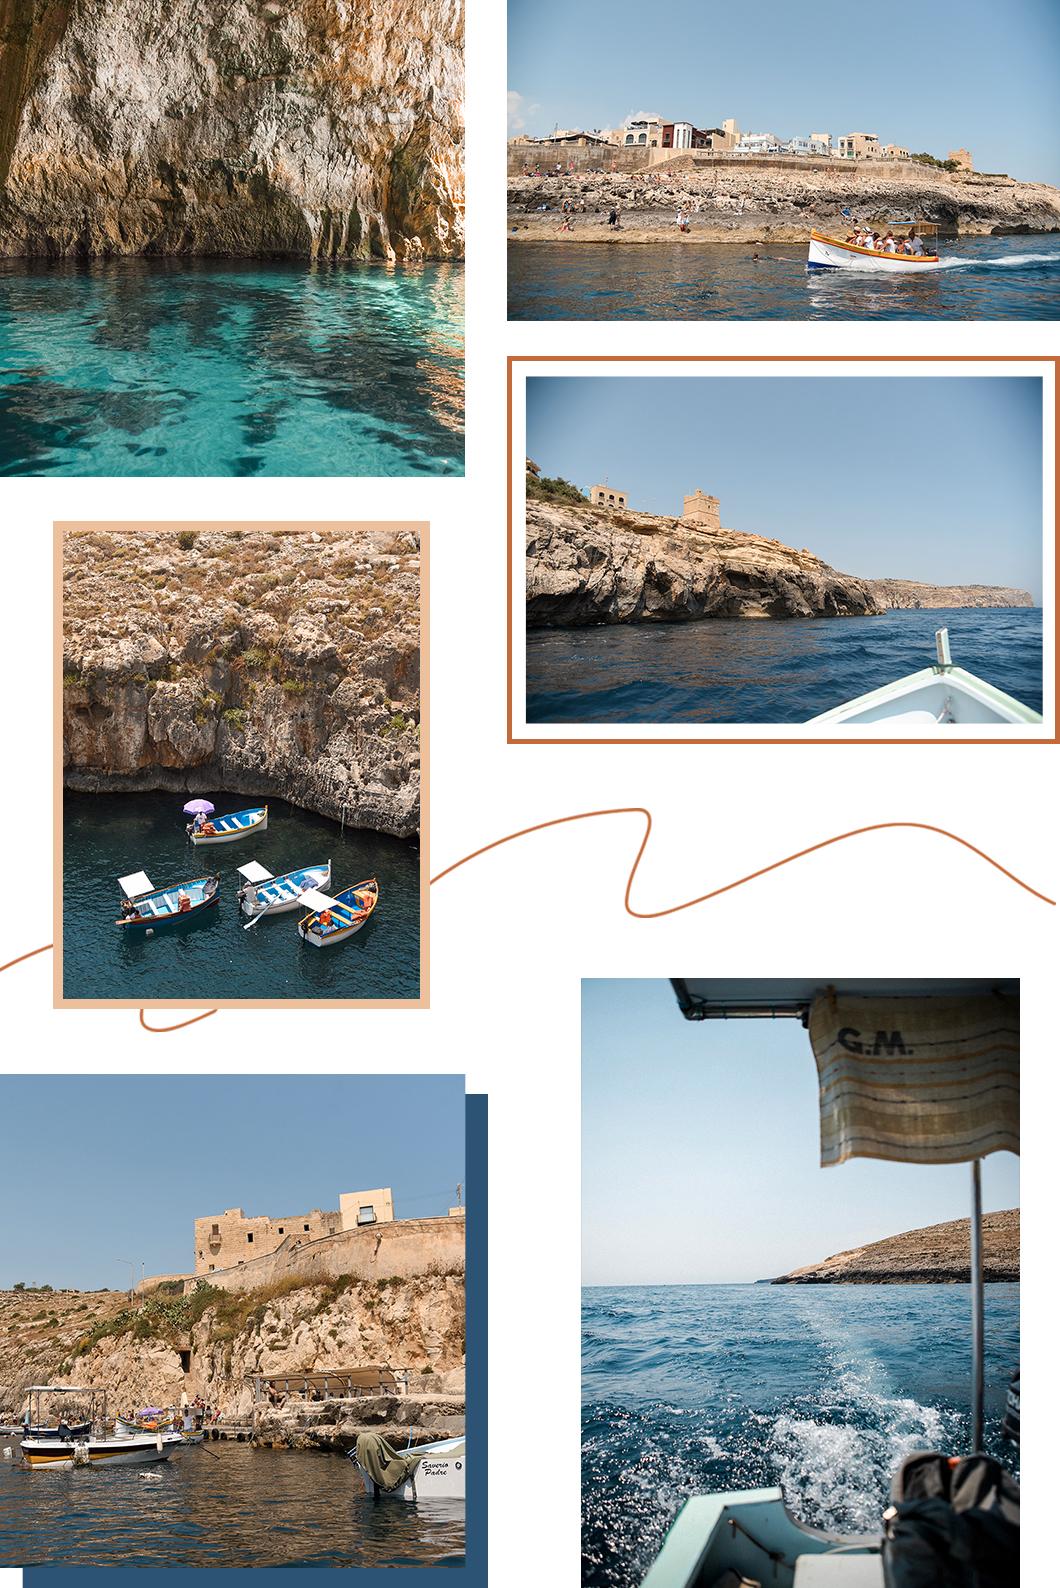 Découvrir la Blue Grotto en bateau